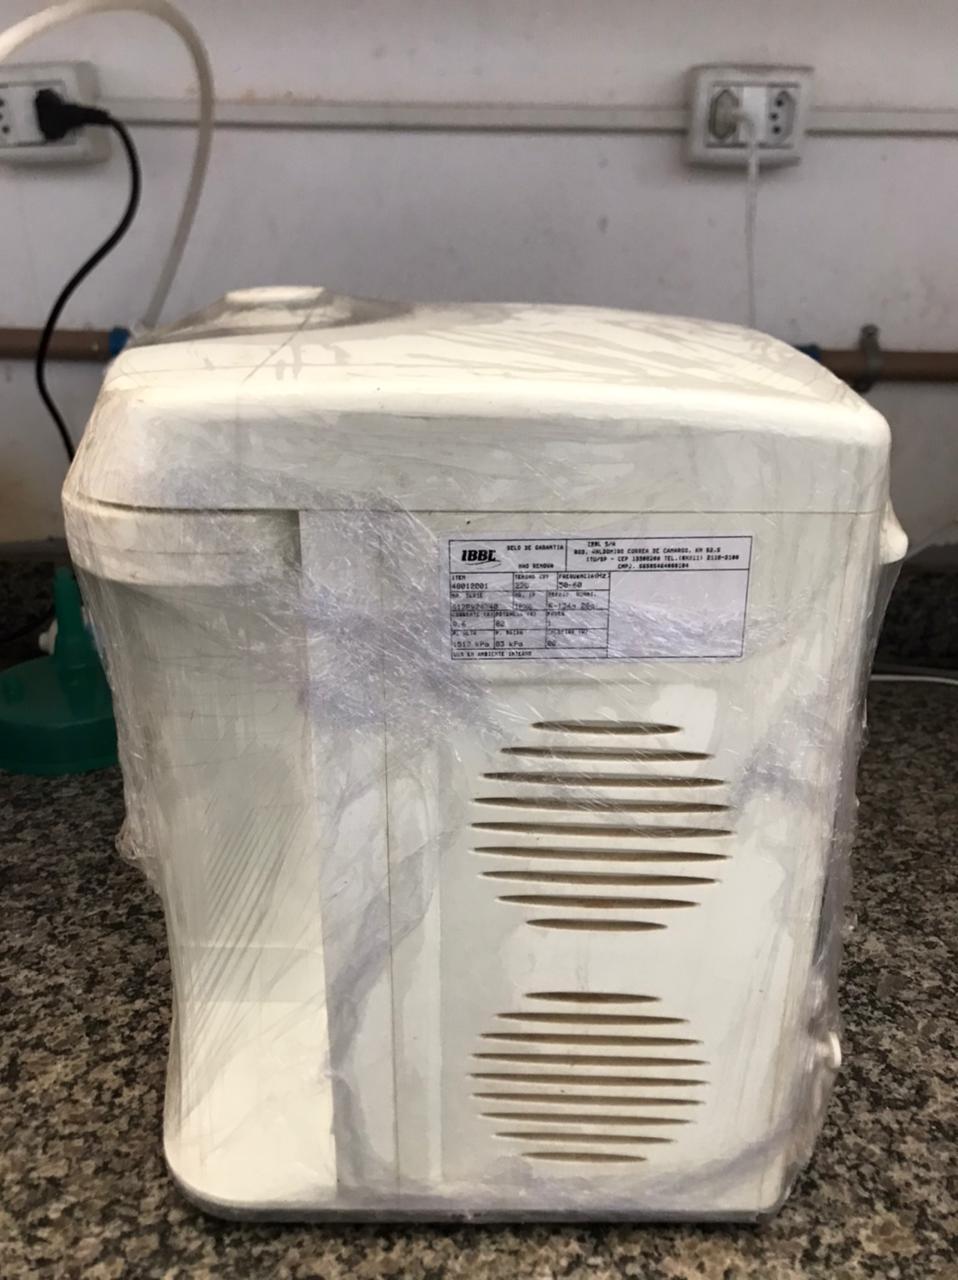 Purificador de água IBBL DUE IMMAGINARE - Semi novo   - My Shop